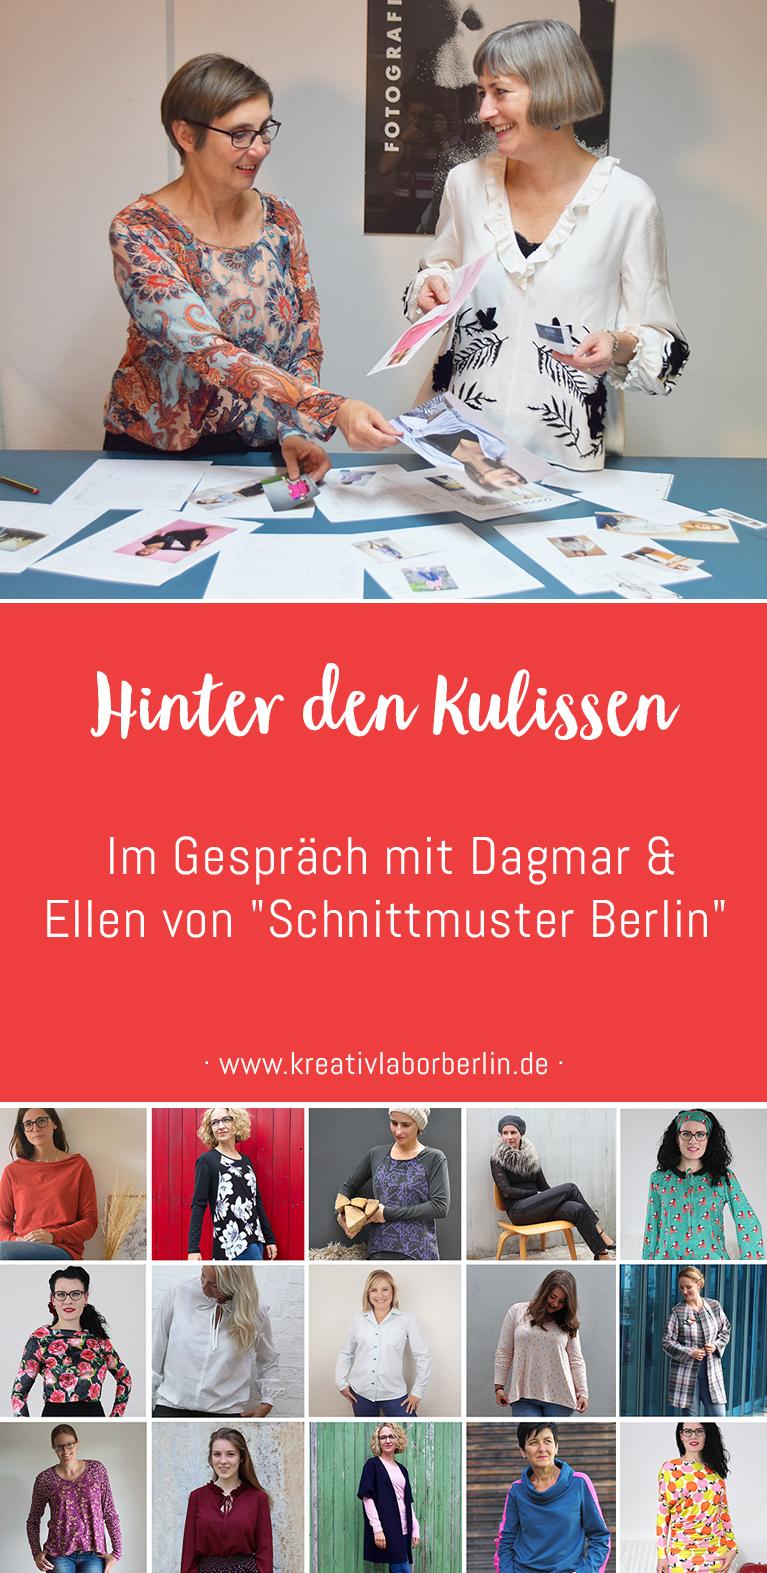 """Hinter den Kulissen: Im Gespräch mit Dagmar & Ellen von """"Schnittmuster Berlin"""""""